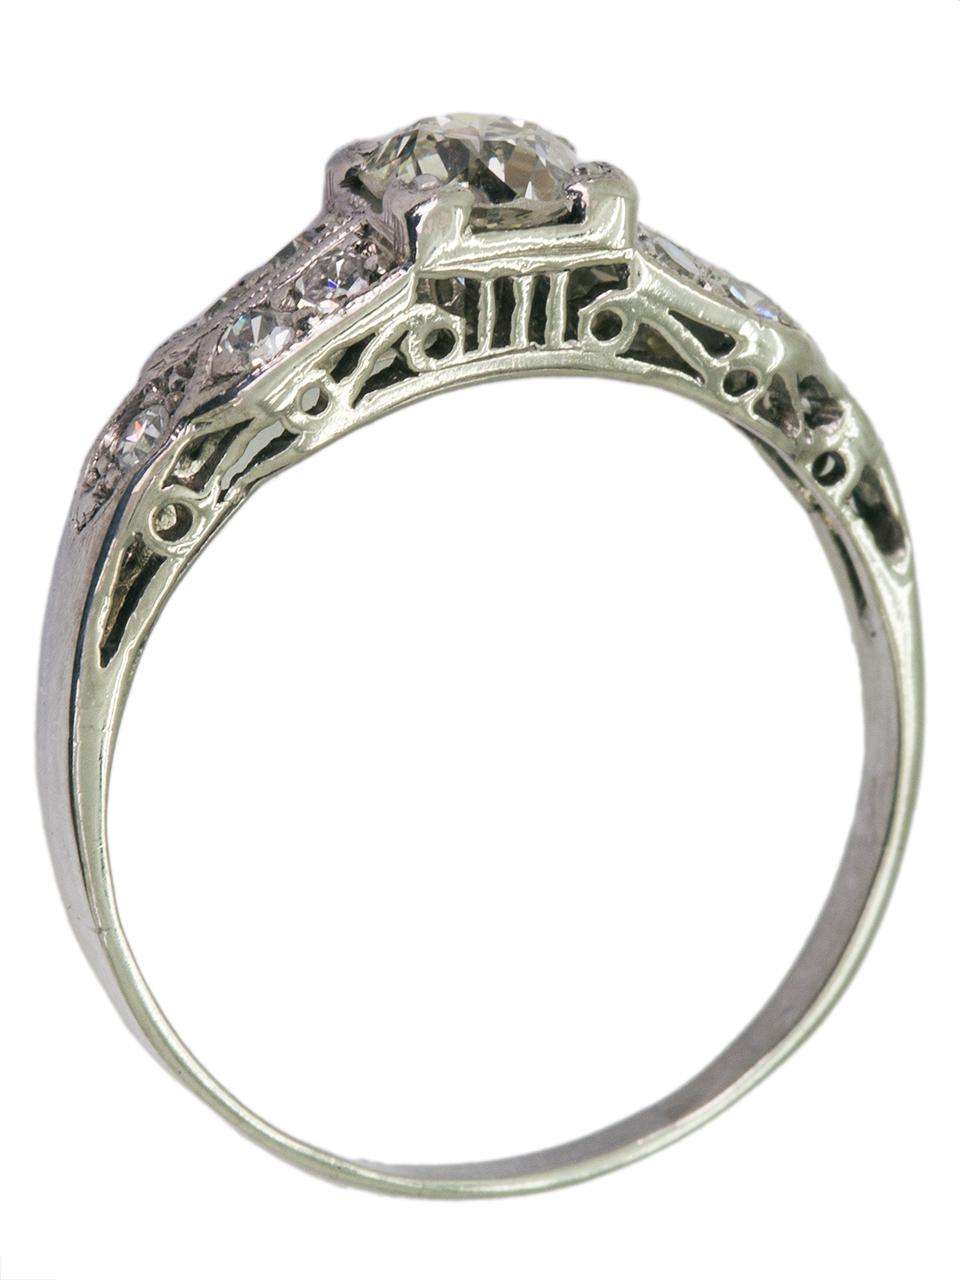 Vintage Engagement Ring Platinum 0.35ct OEC H-SI1 circa 1930s